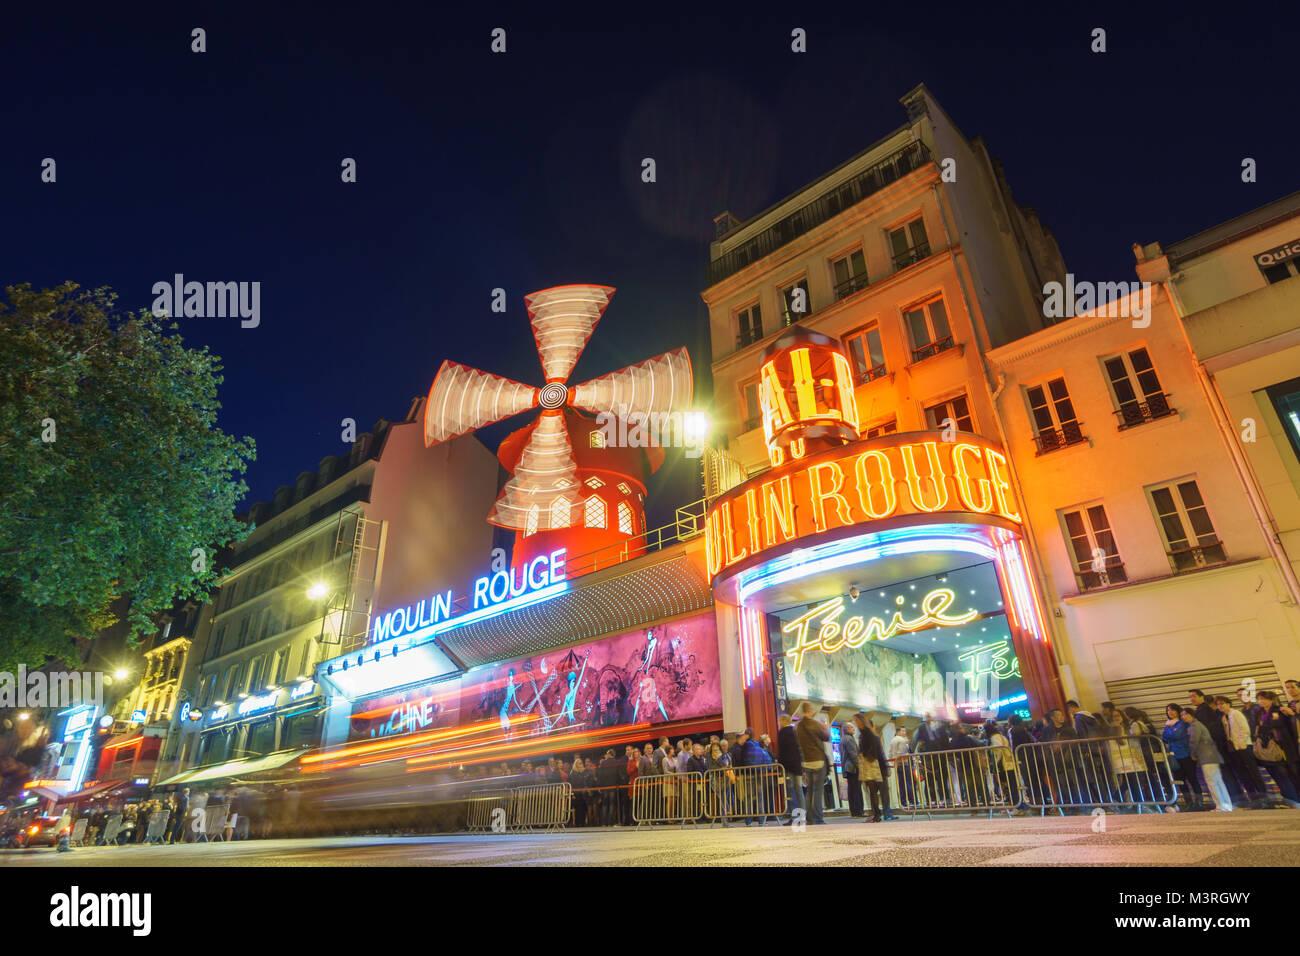 PARIS - 15 mai: Le Moulin Rouge blurred motion par nuit, le 15 mai 2015 à Paris, France. Moulin Rouge Photo Stock